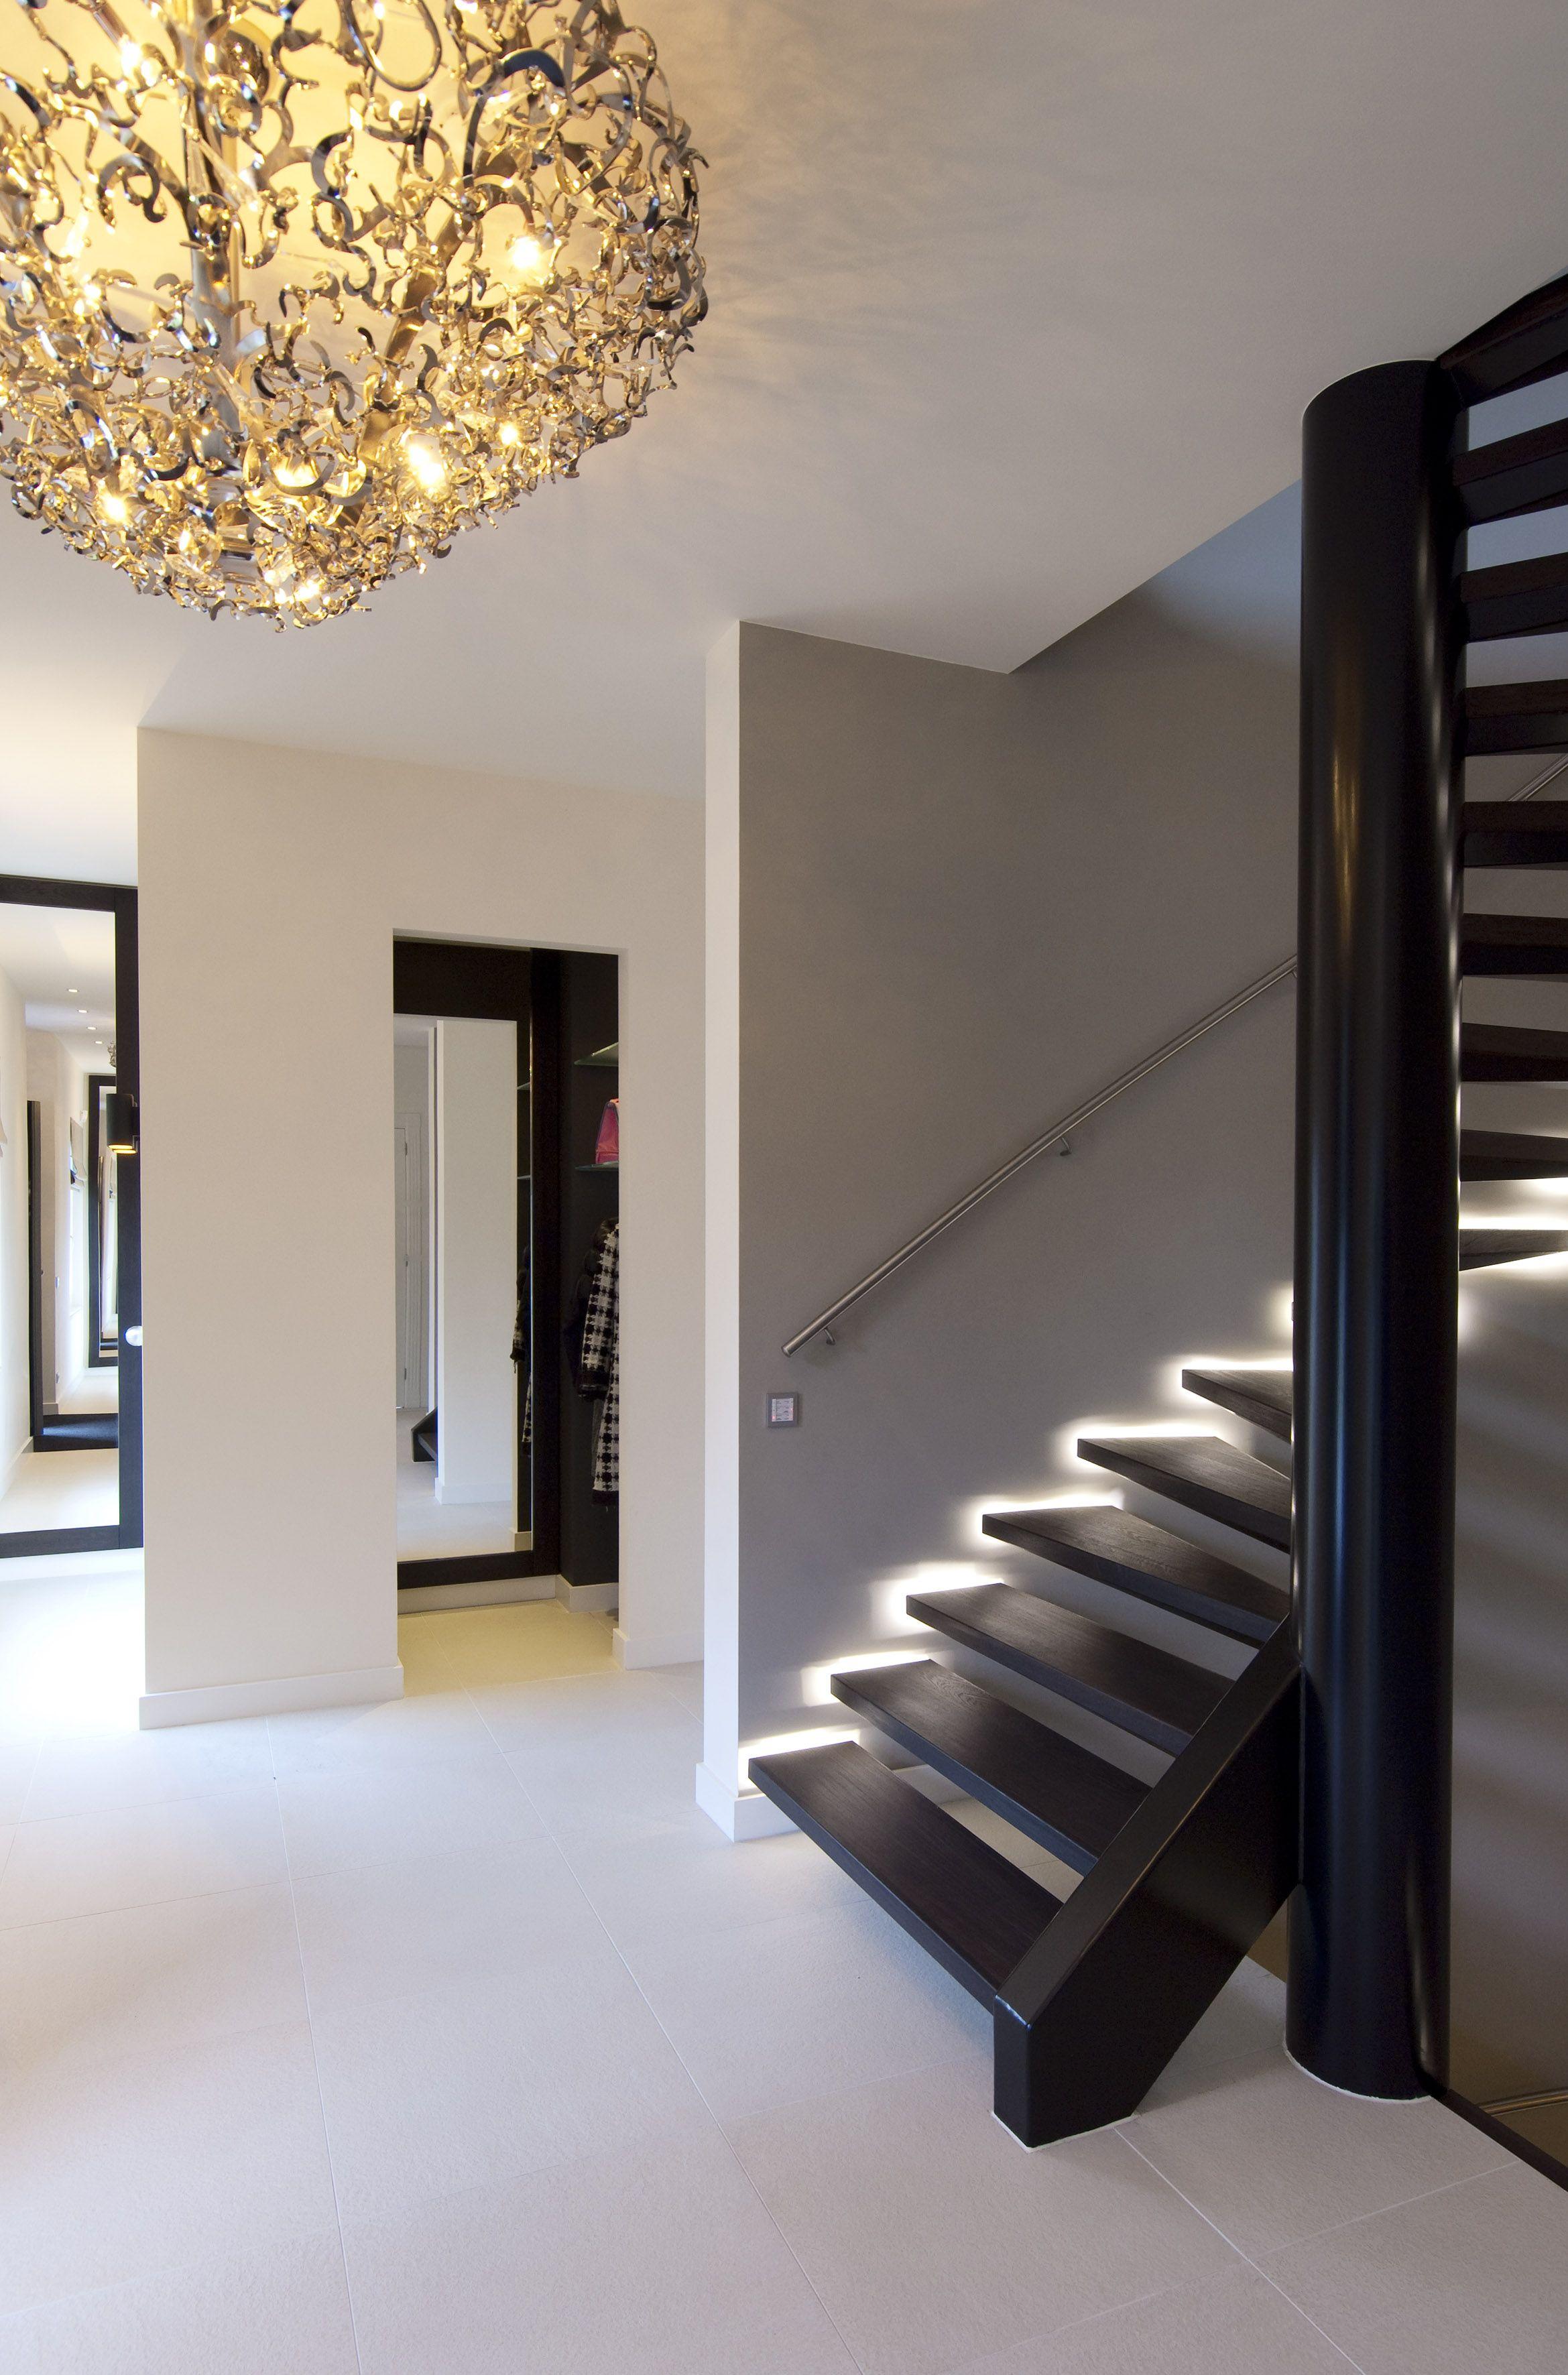 Keesmarcelis.nl. de verlichting die hij gebruikt bij woonhuis ...